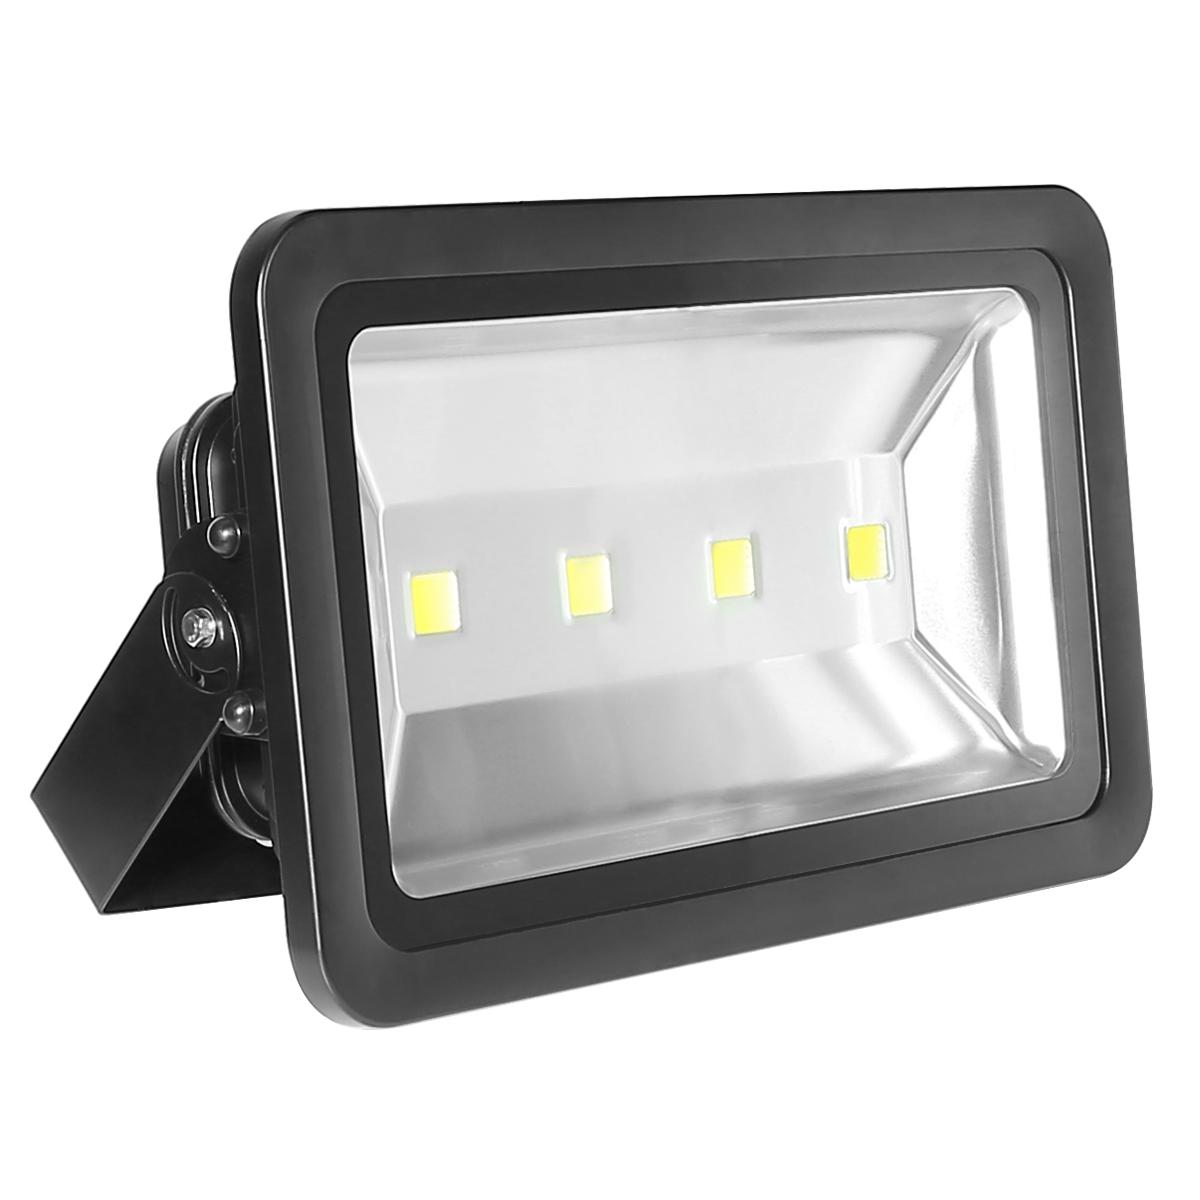 240W LED Strahler, 23800lm LED Fluter, entspricht 600W HS/MH, wasserdicht, Kaltweiß